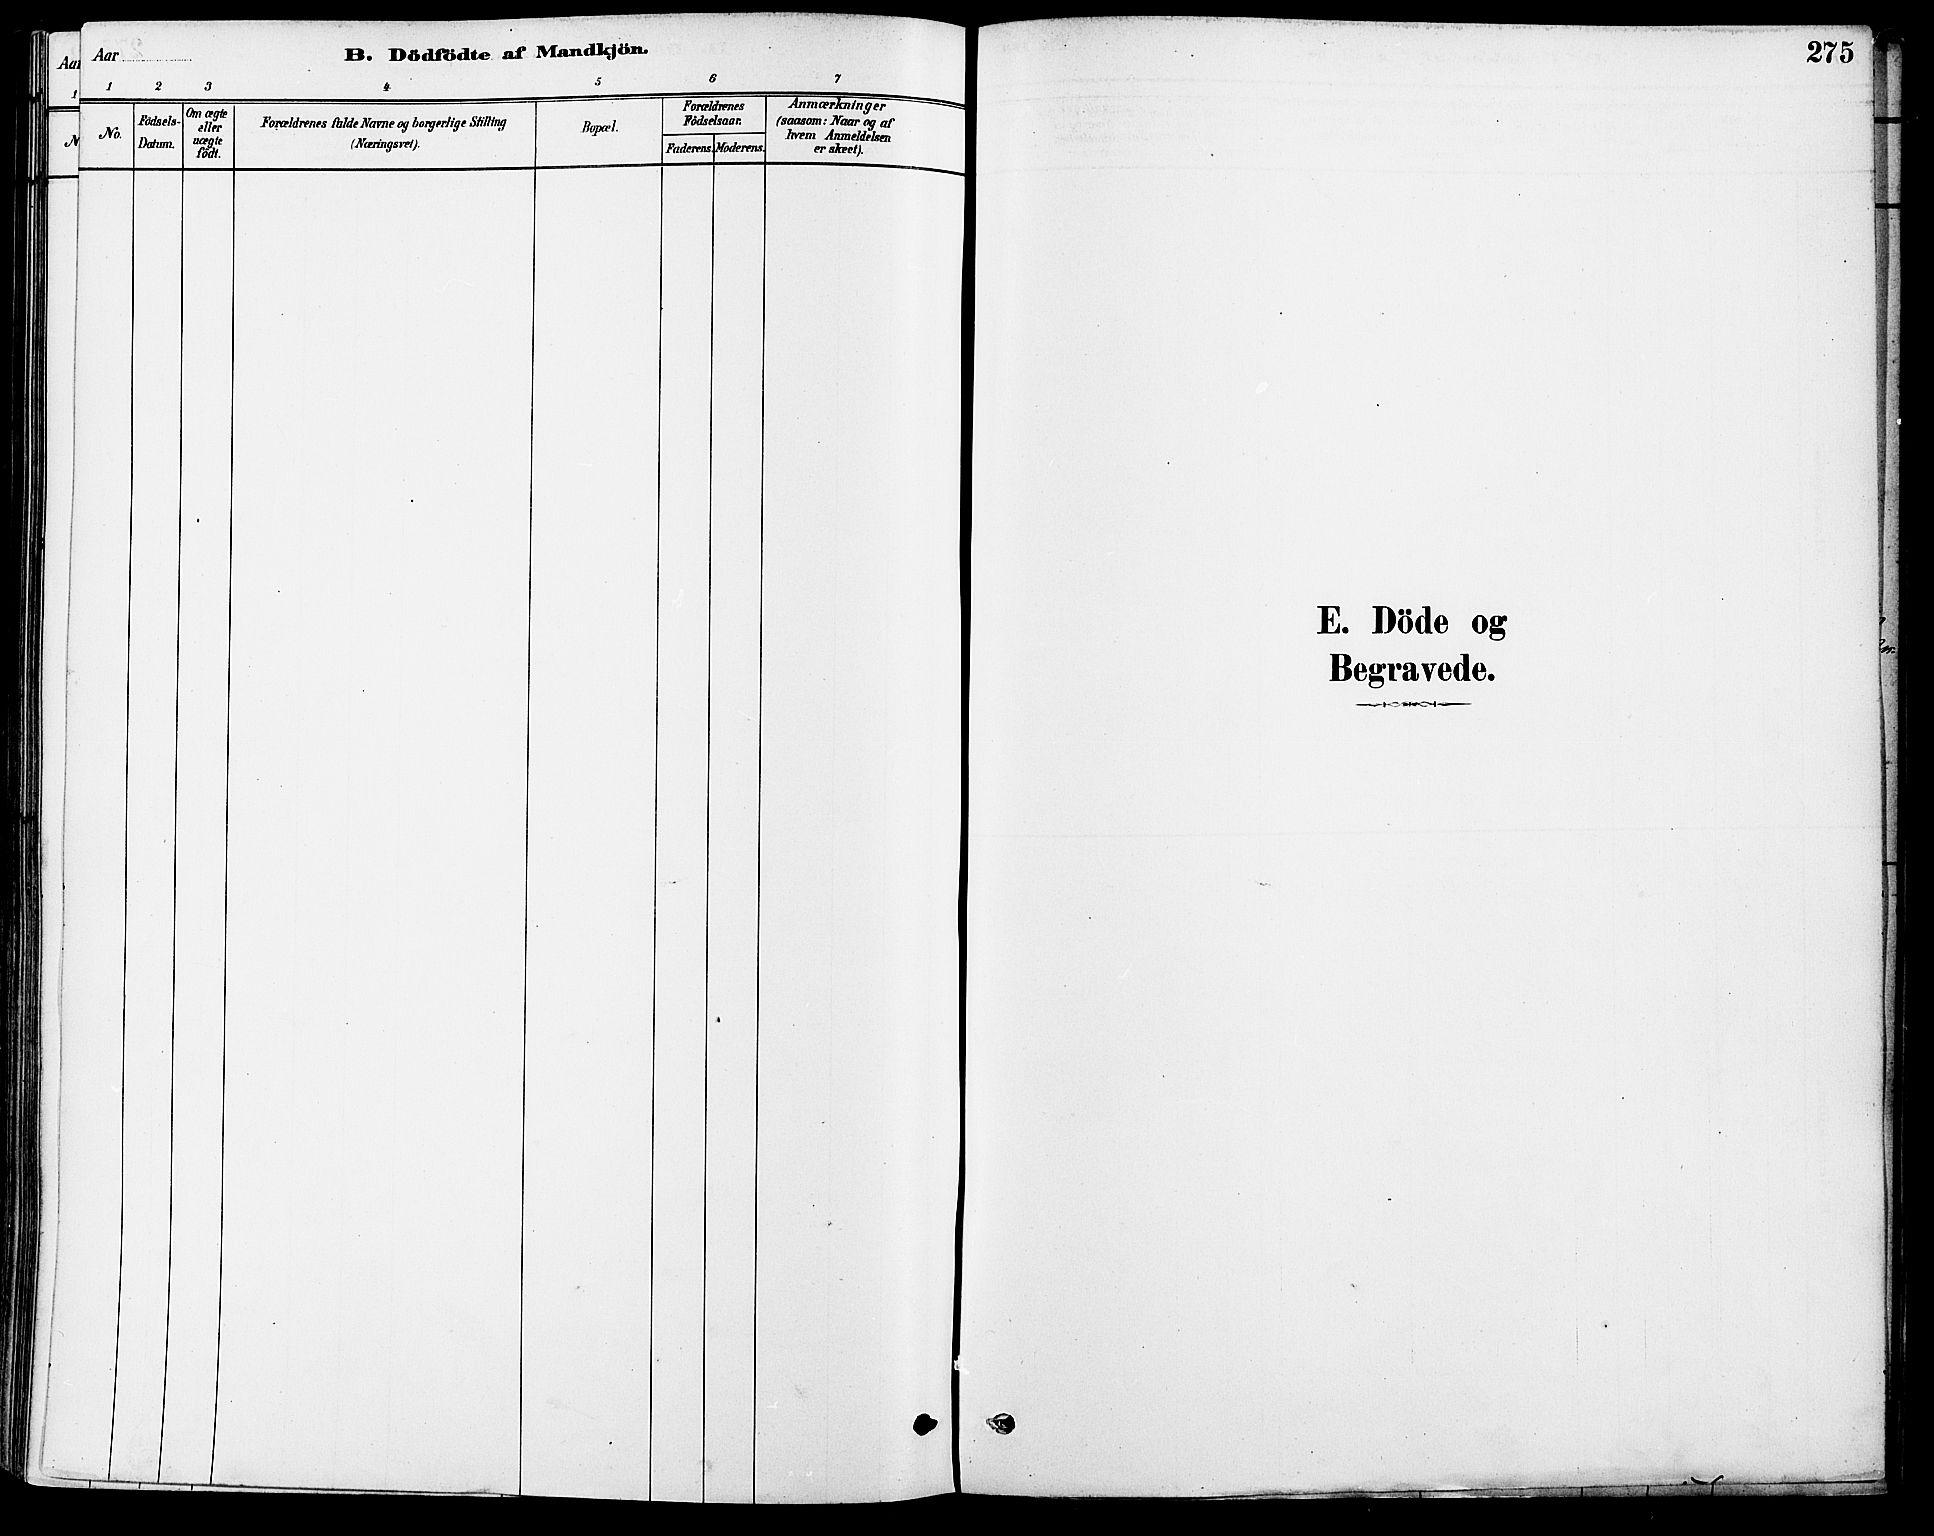 SAO, Gamle Aker prestekontor Kirkebøker, F/L0006: Ministerialbok nr. 6, 1880-1887, s. 275